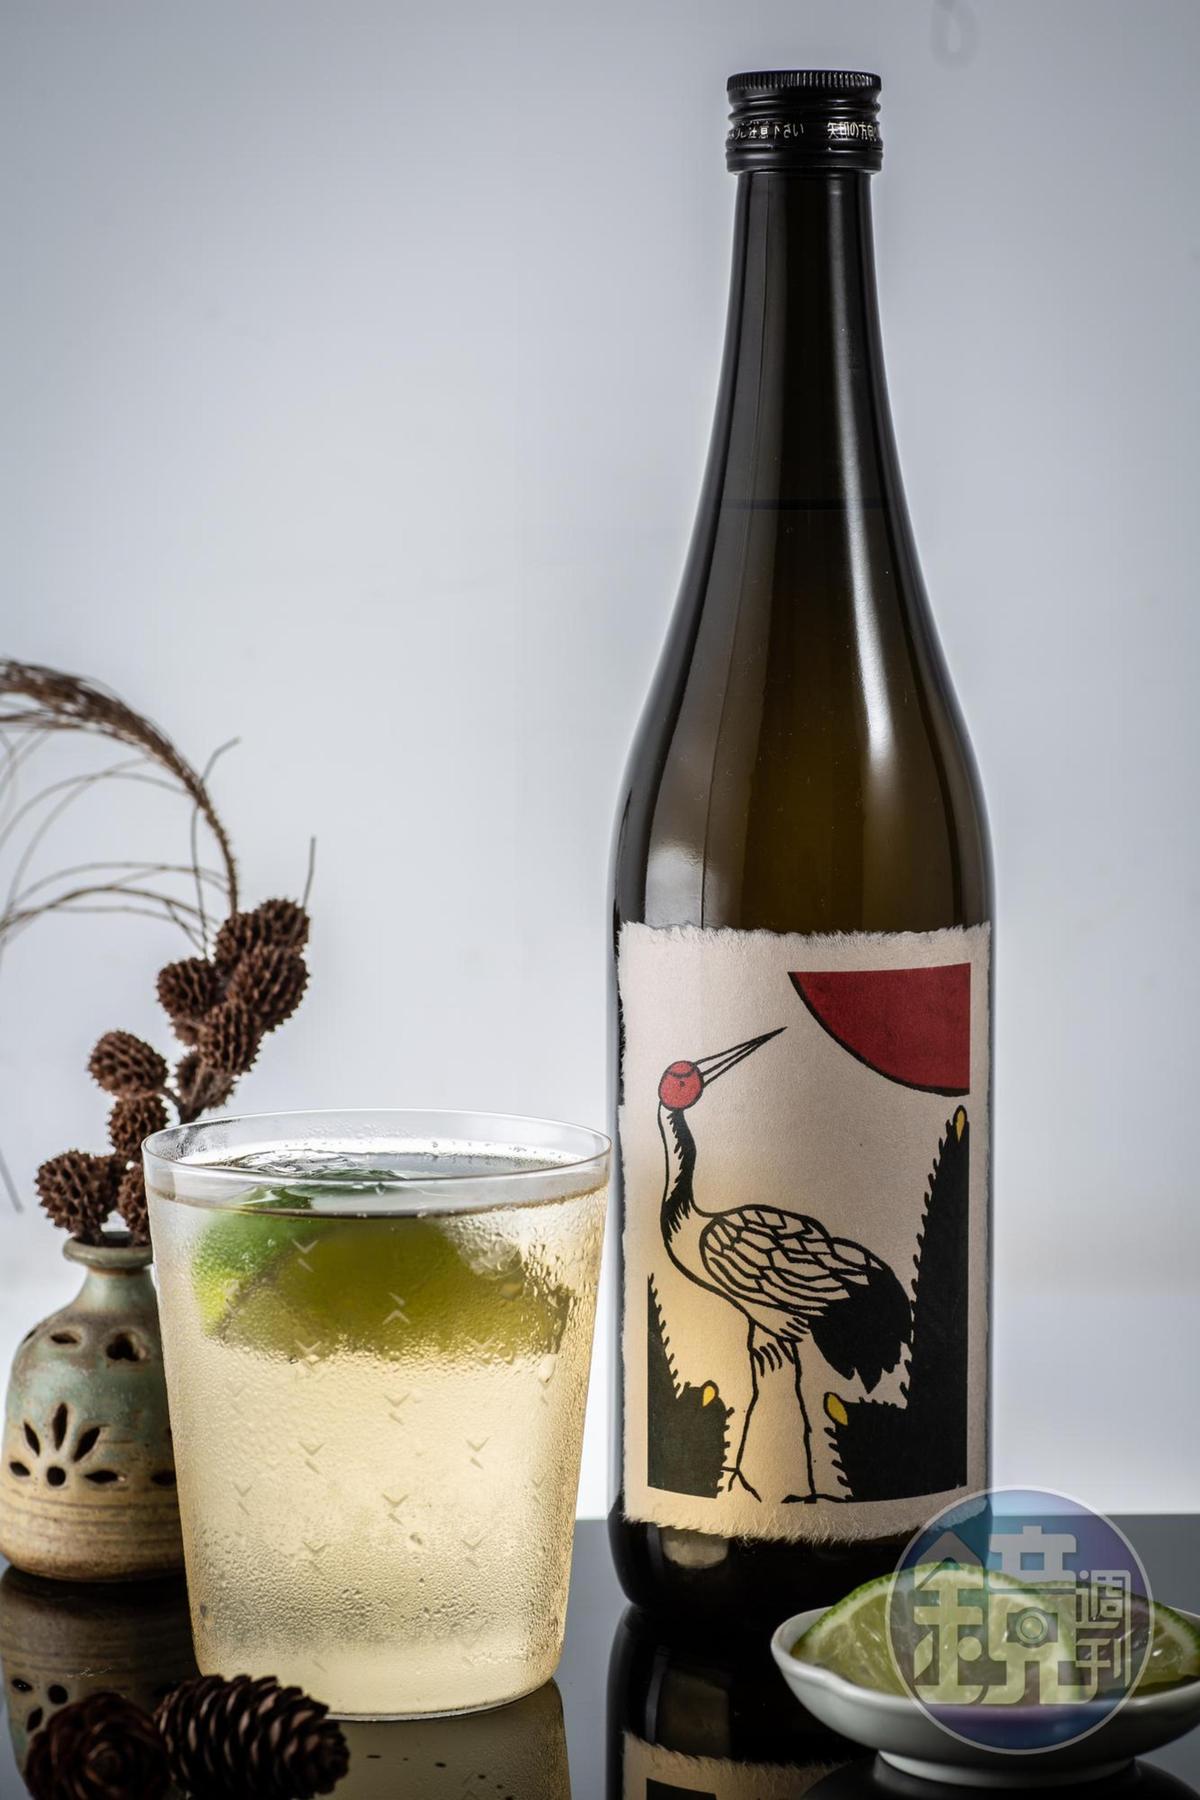 「八木松鶴威士忌梅酒」濃度高達25%,酒感強烈,但桶味沒這麼重,口感柔順不辛辣。(1,690元/瓶)